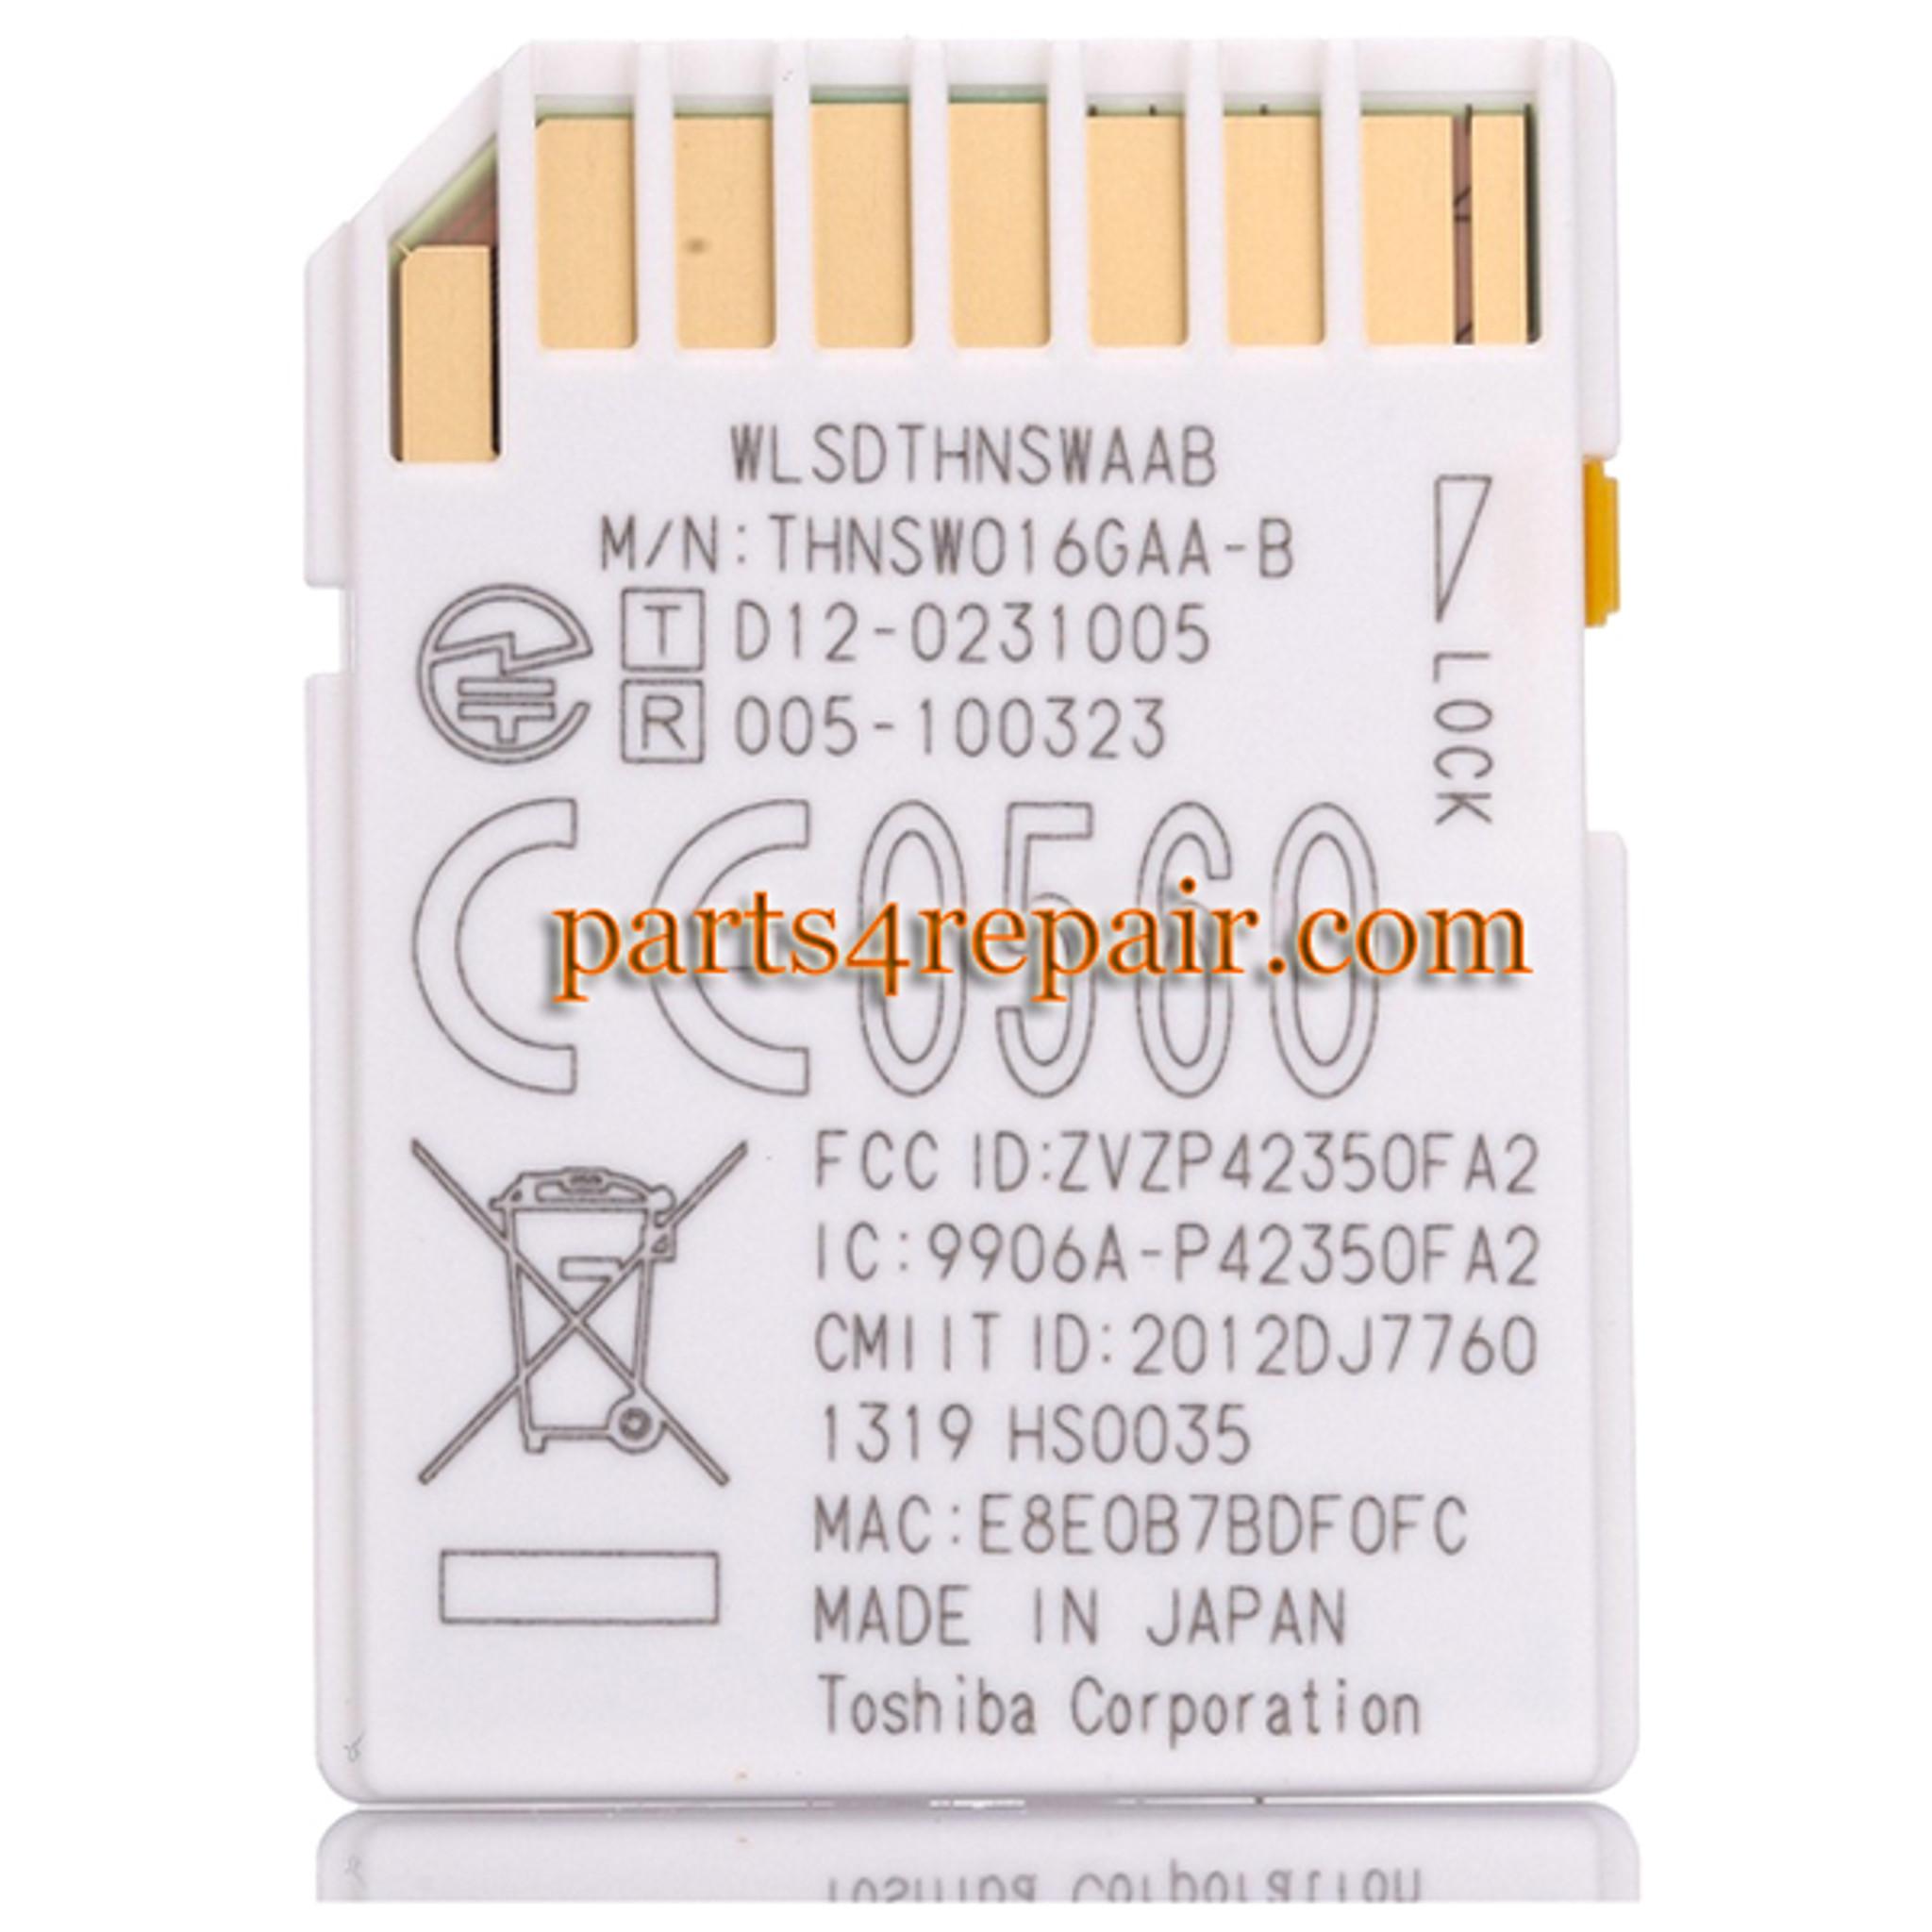 Toshiba FlashAir WIFI WIRELESS SDHC 16GB Class 10 Flash Memory